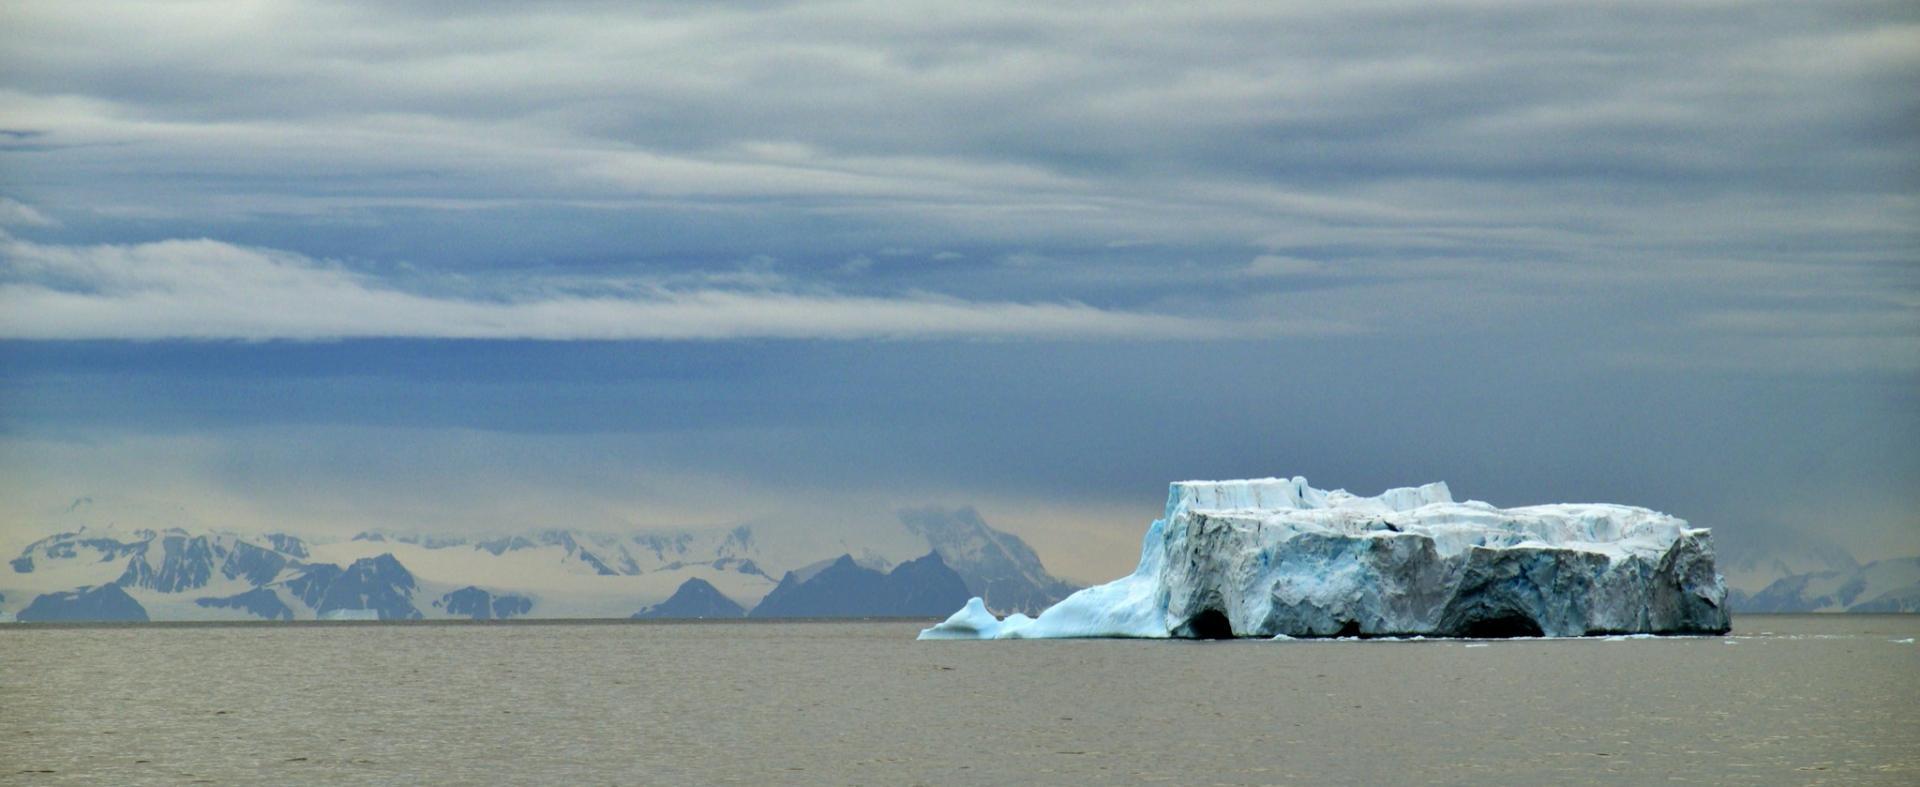 The Polar Travel Company